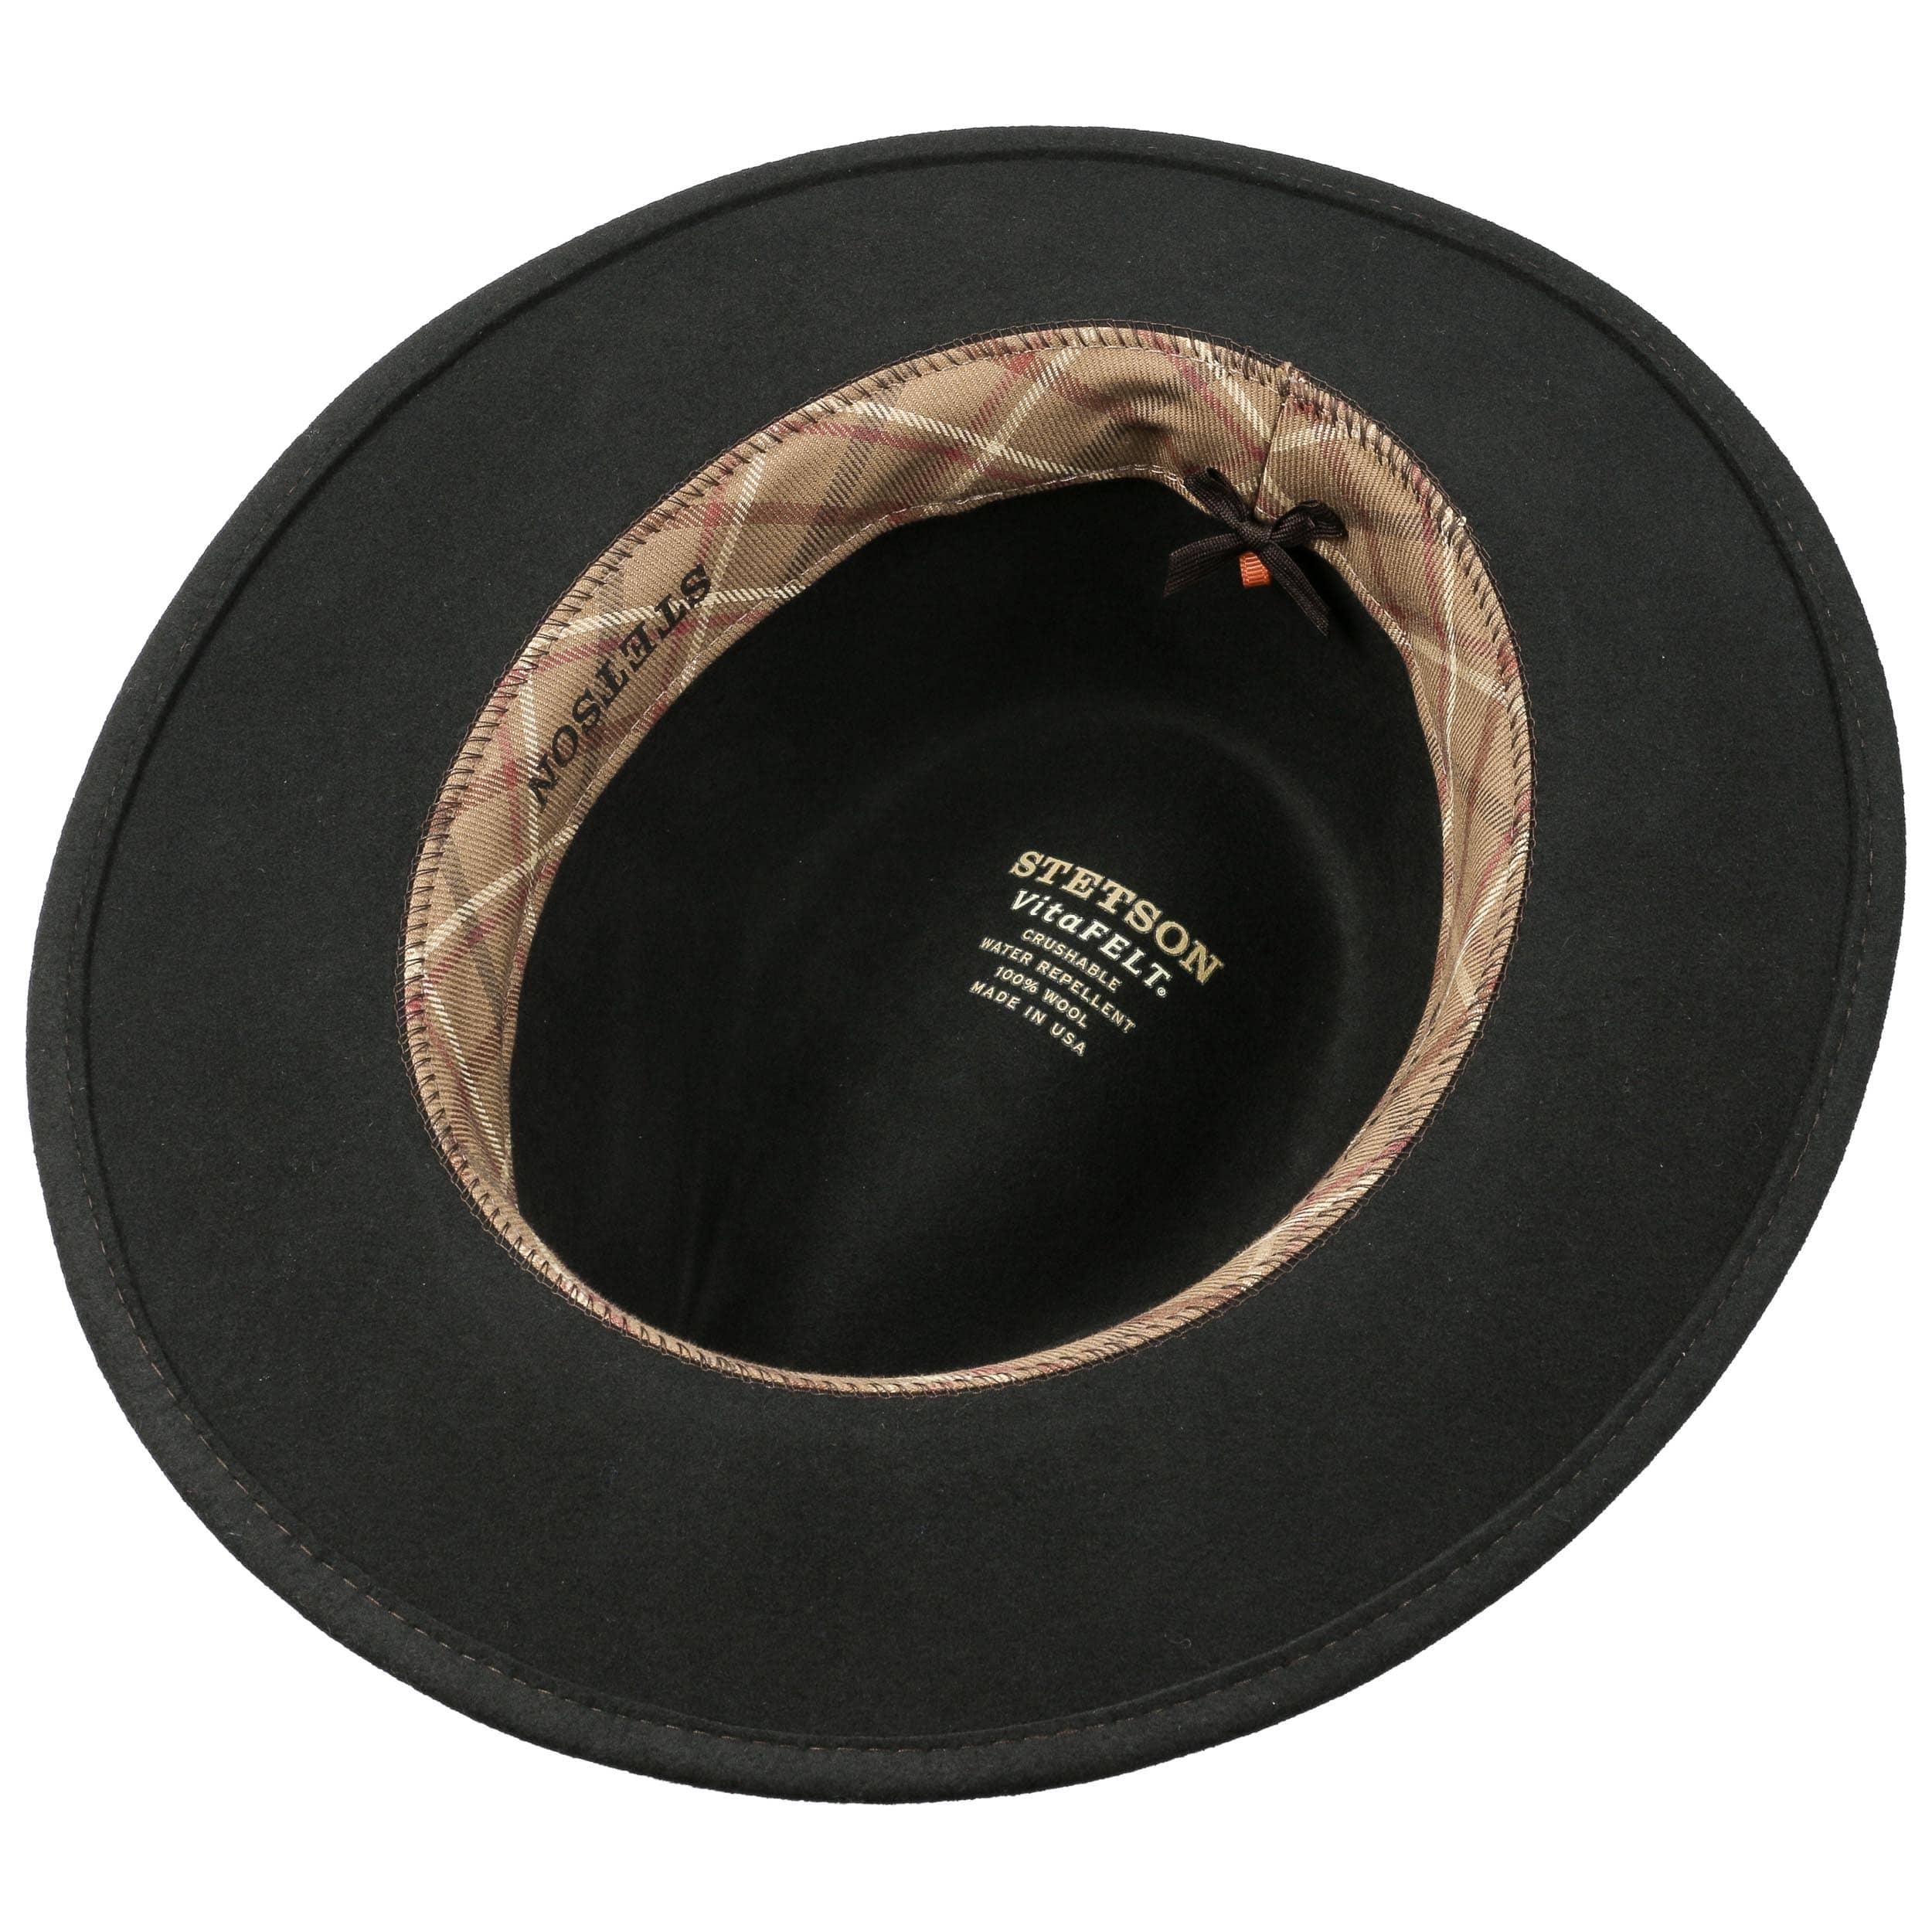 ... Sombrero VitaFelt Sardis by Stetson - marrón oscuro 2 ... 27e77859093f